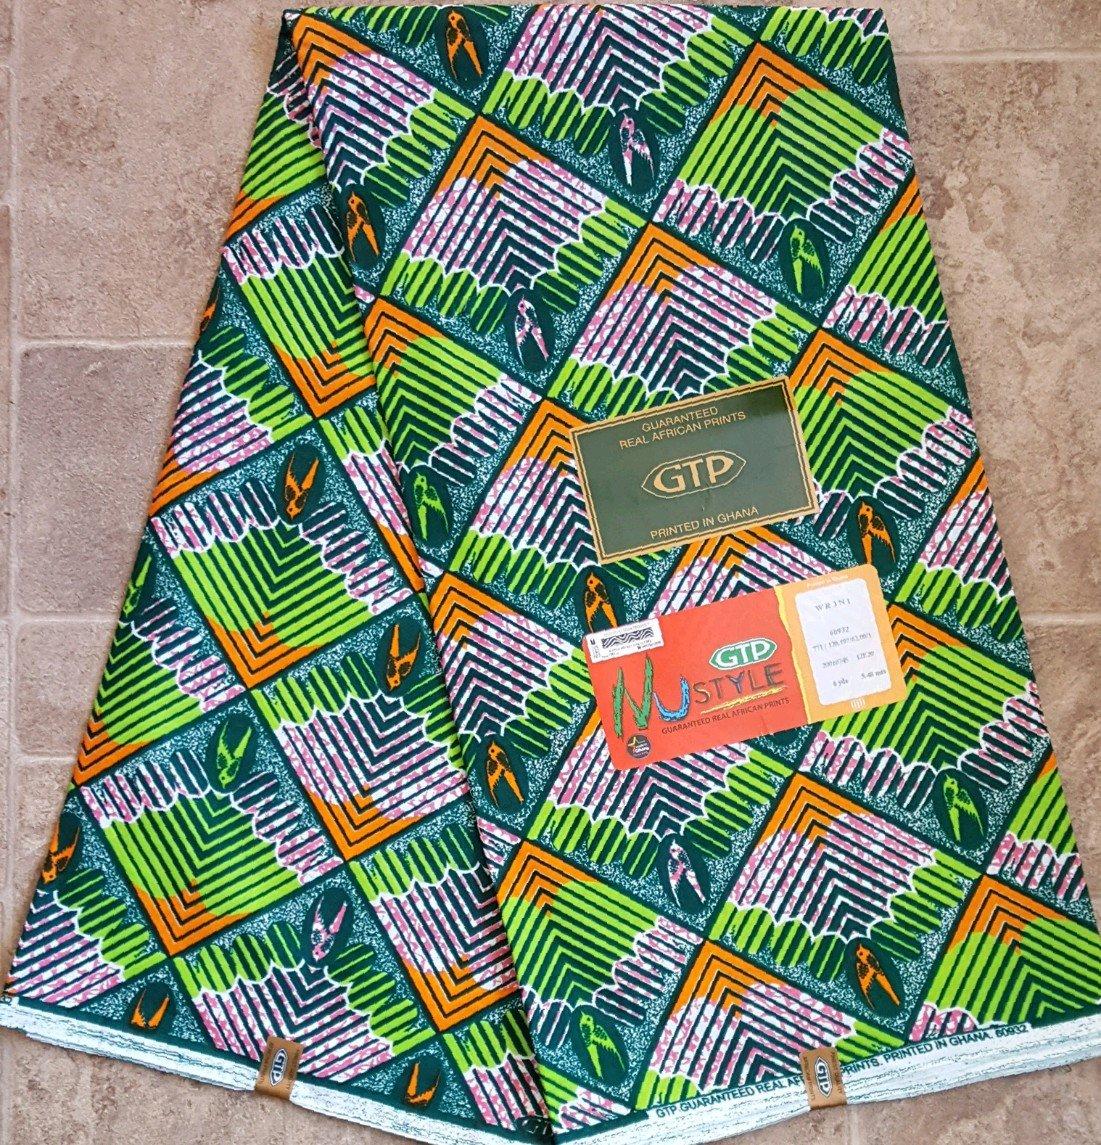 GTP Nustyle diamond geometric pattern printed fabric #732